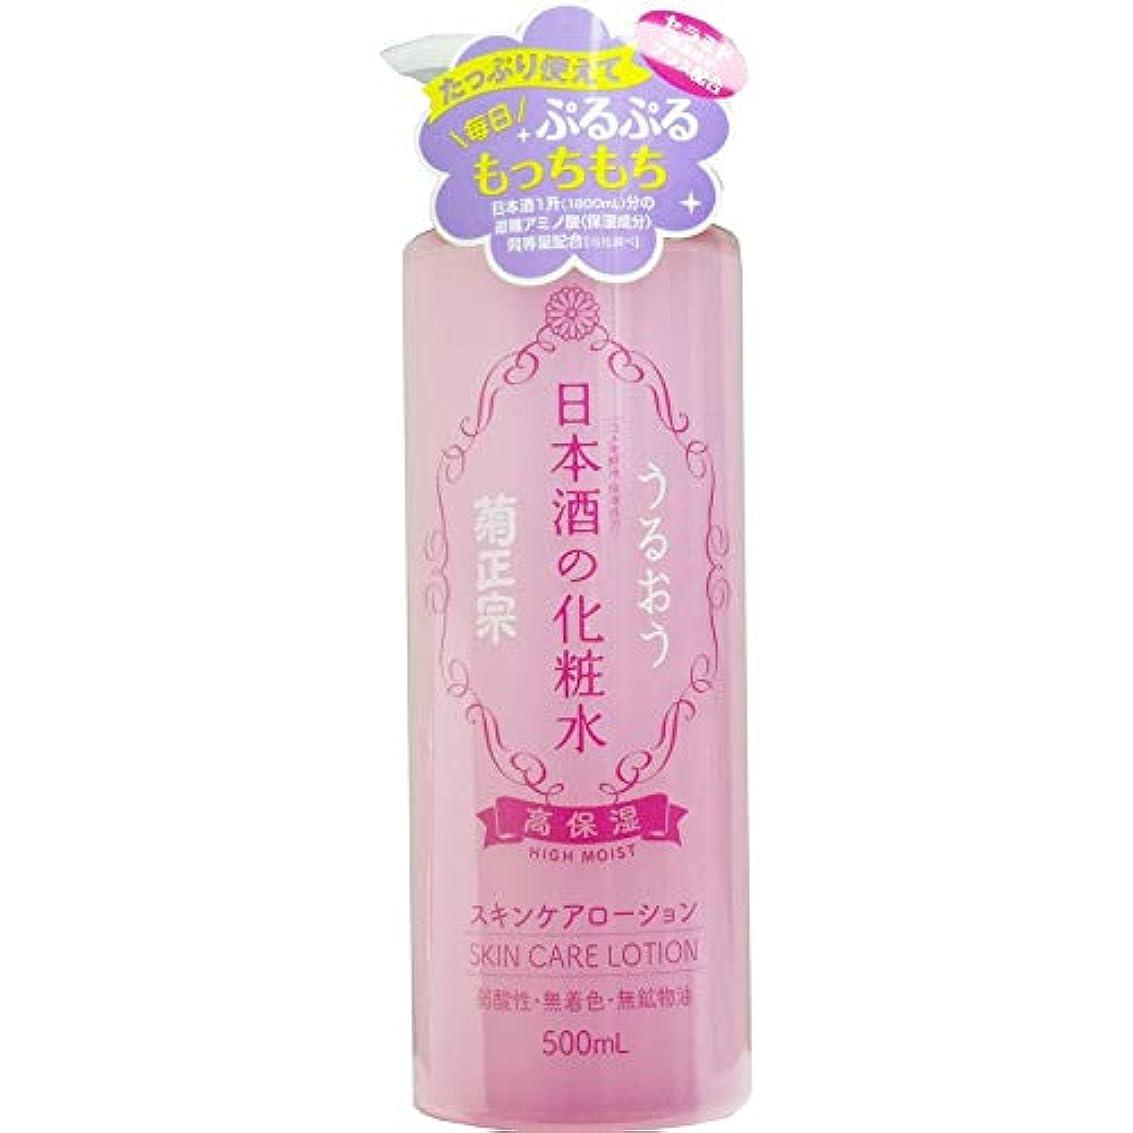 日本酒の化粧水 菊政宗 化粧水 500ml×2本セット